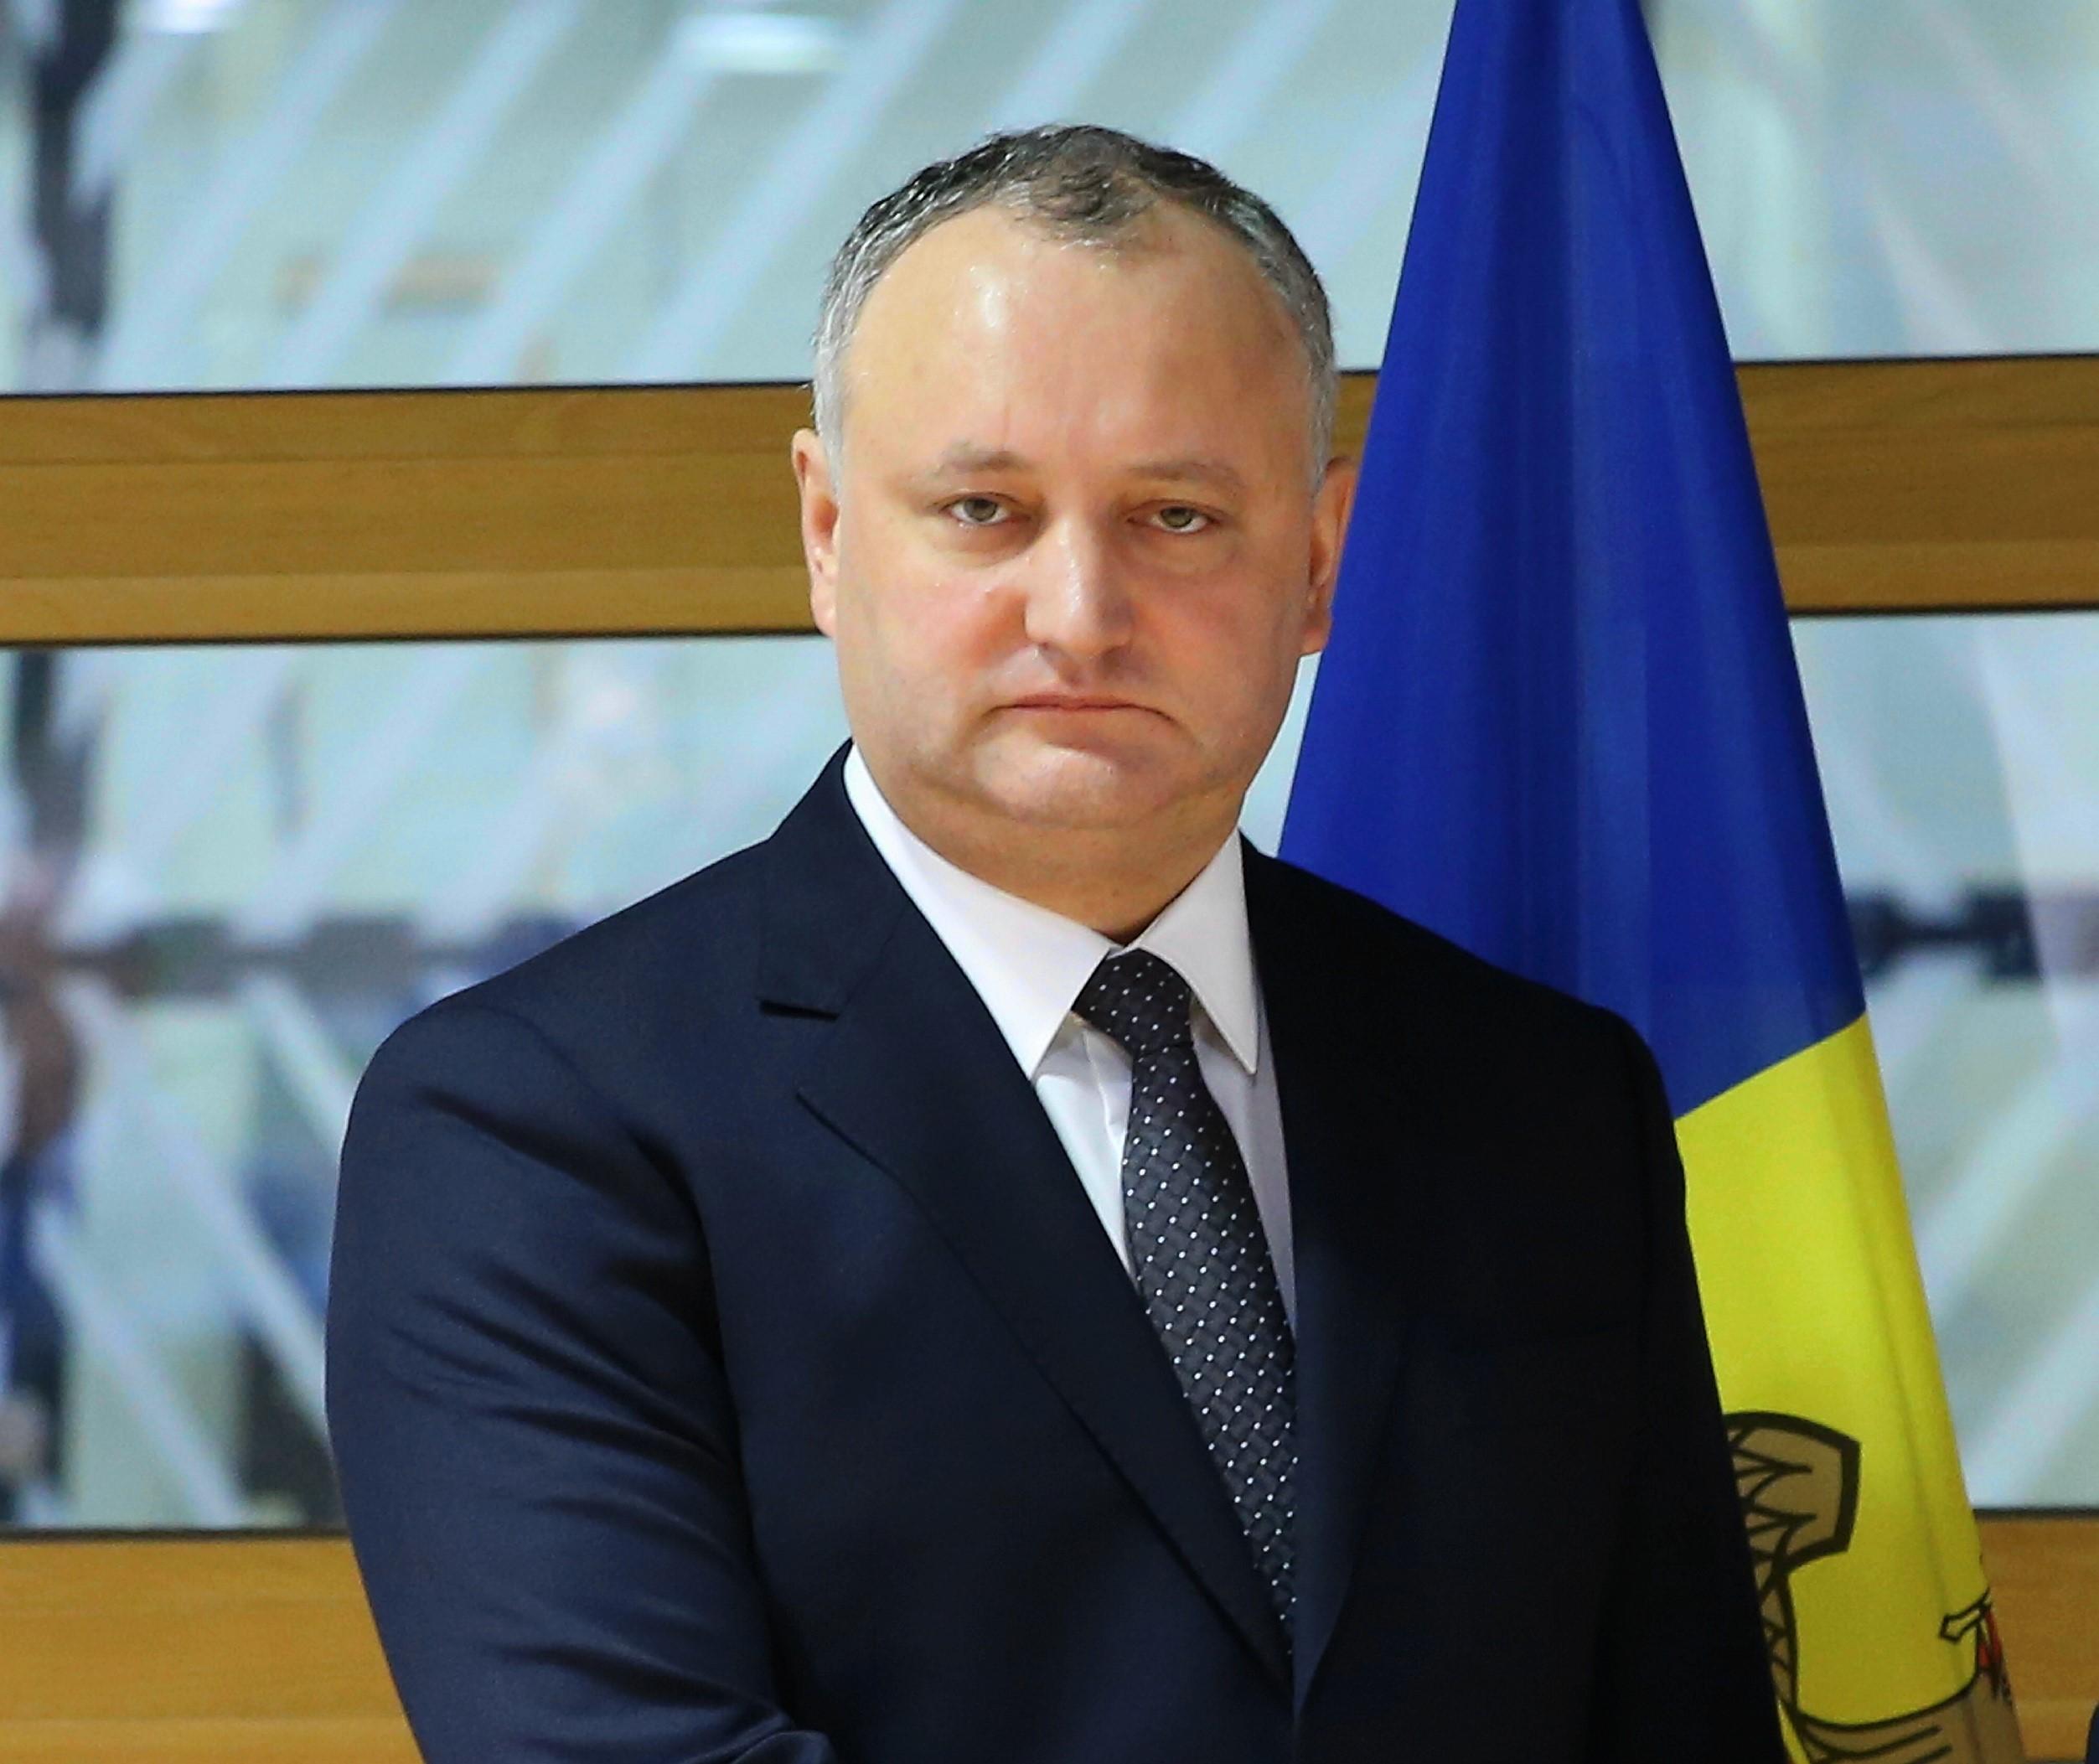 Republica Moldova: Curtea Constituţională a decis suspendarea unor prerogative ale lui Igor Dodon/ În replică, preşedintele acuză instituţia de jocuri în favoarea guvernării democrate